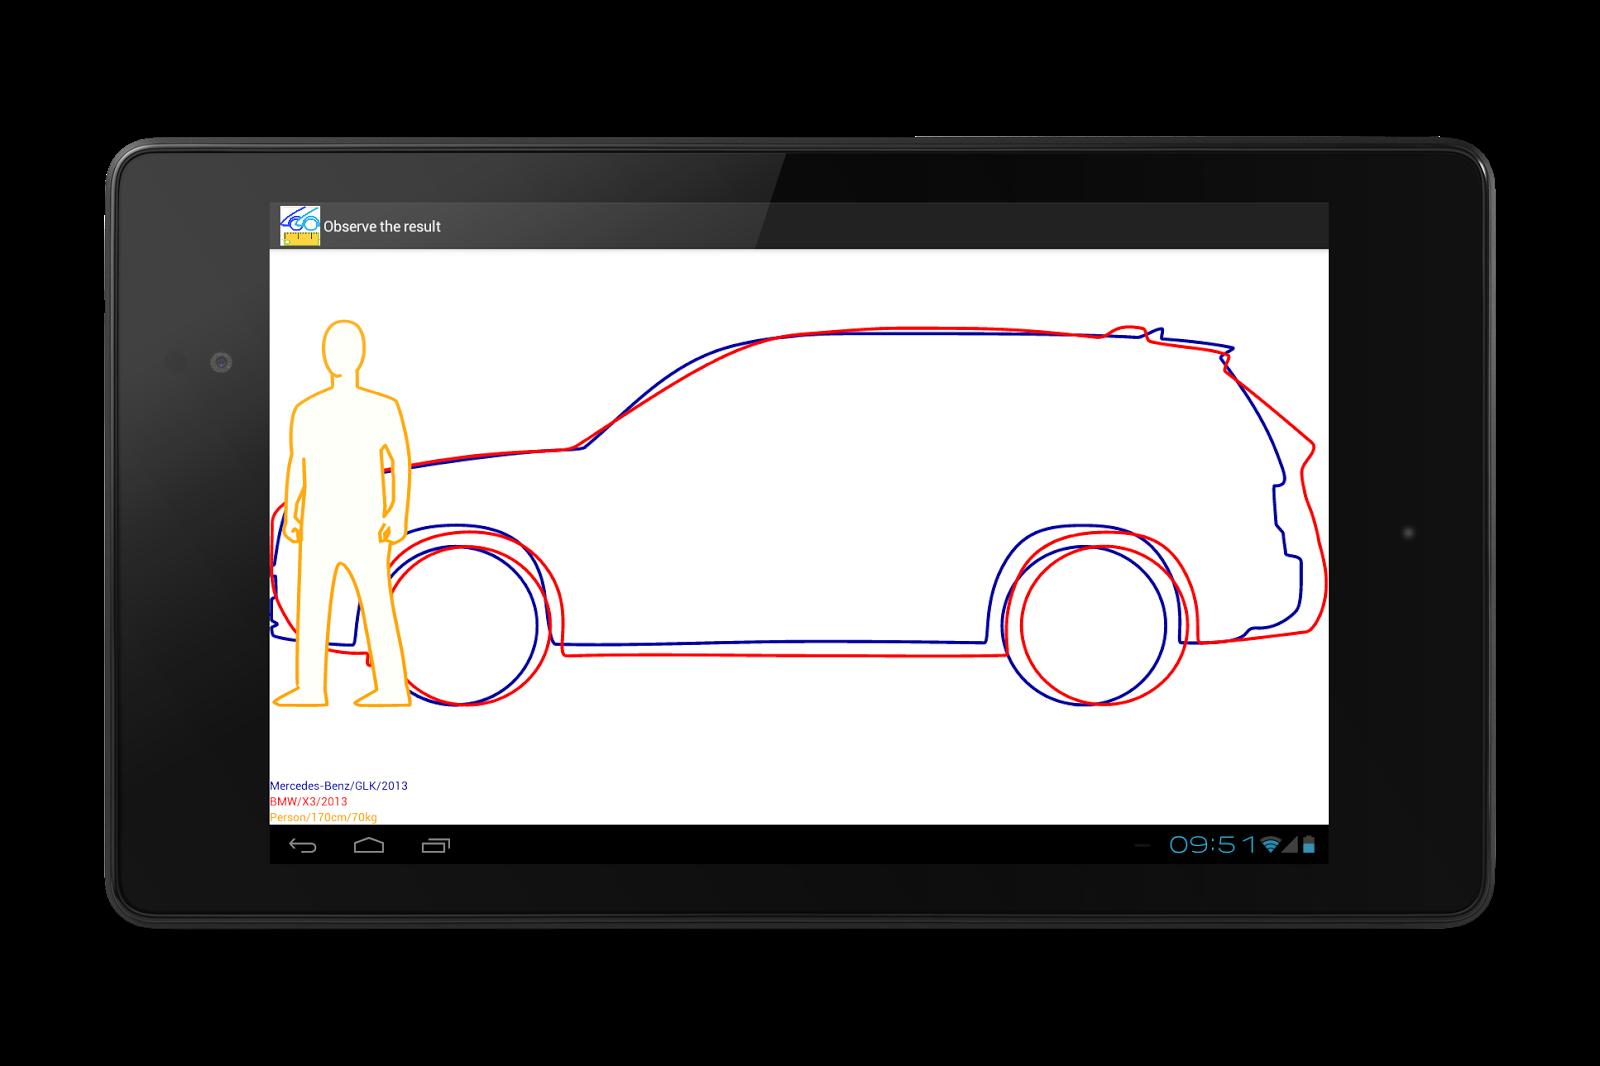 Mercedes benz glk 2013 vs bmw x3 2013 compare dimensions visually